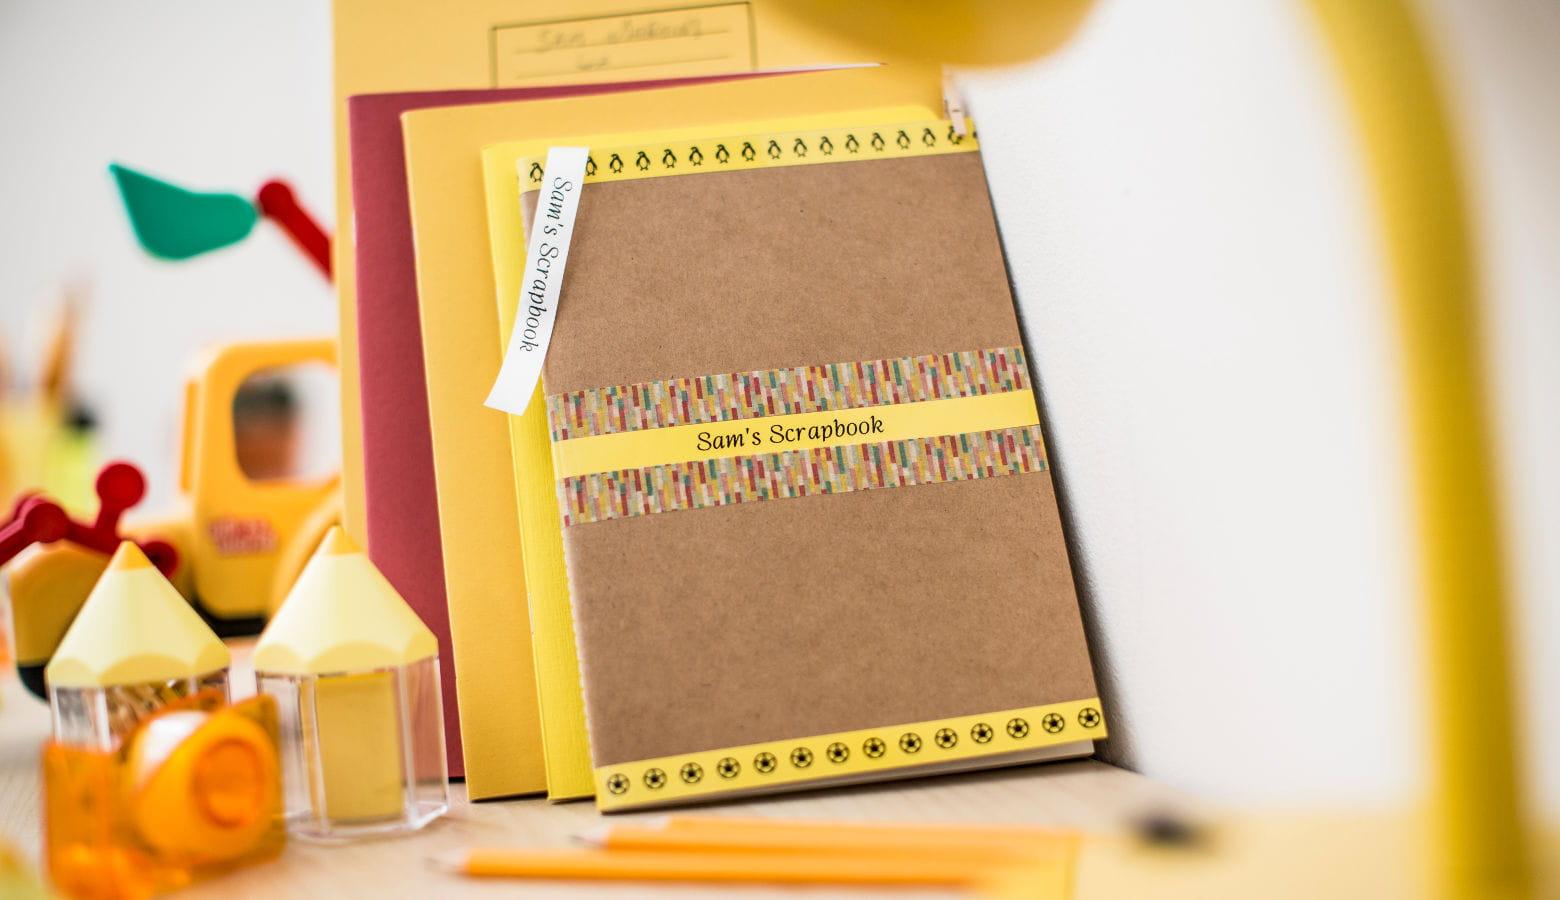 Cuaderno amarillo y marrón con etiquetas